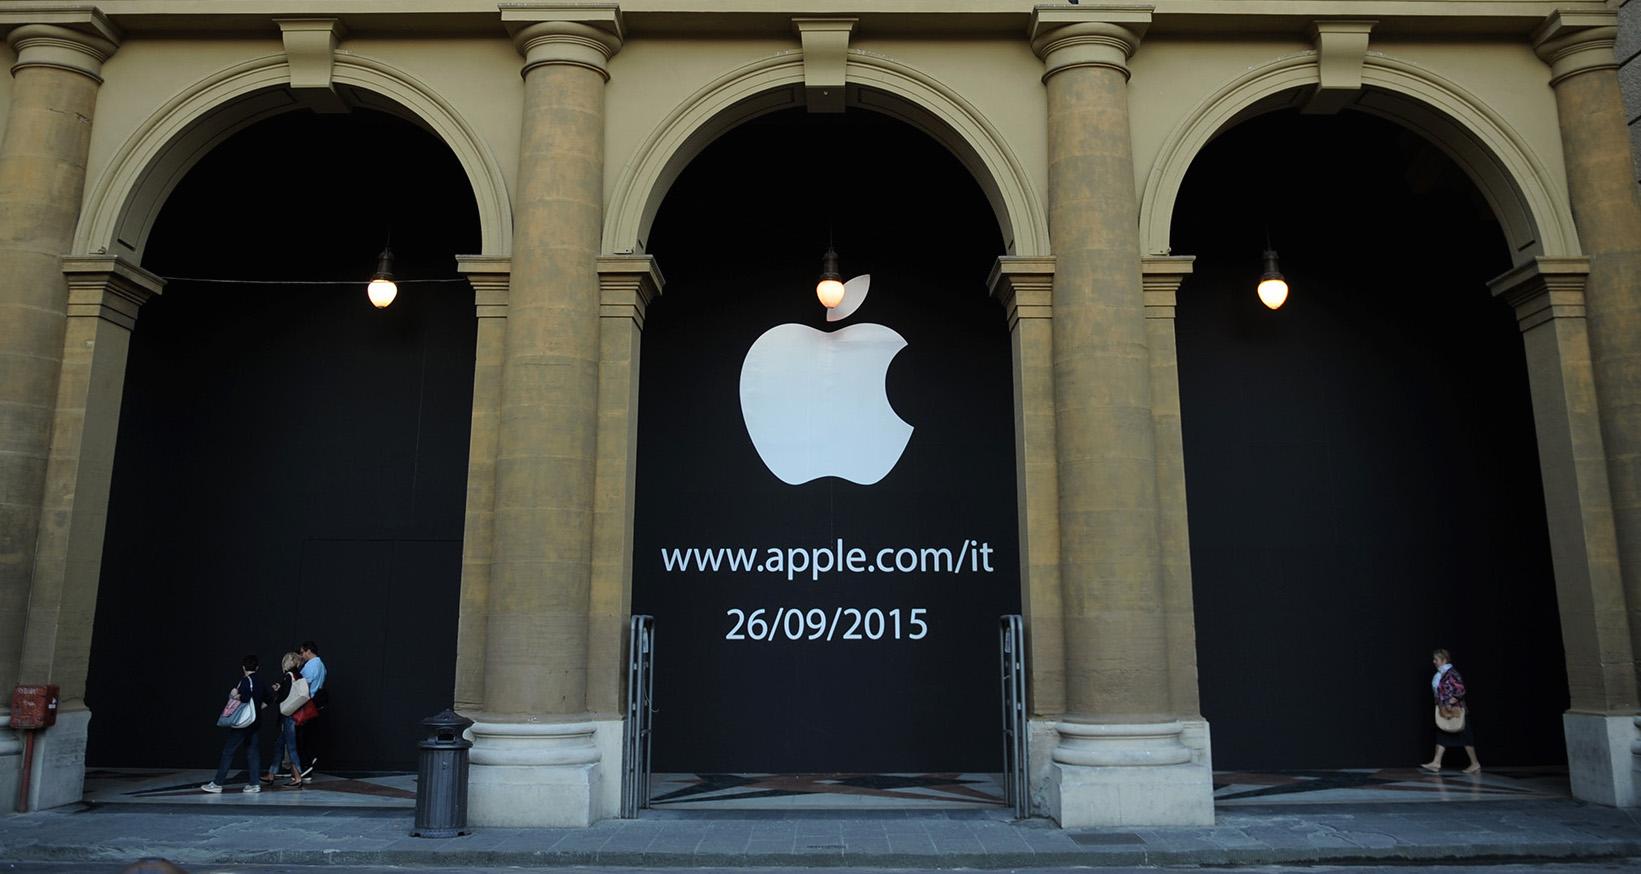 Apple Store Firenze September 11 2015